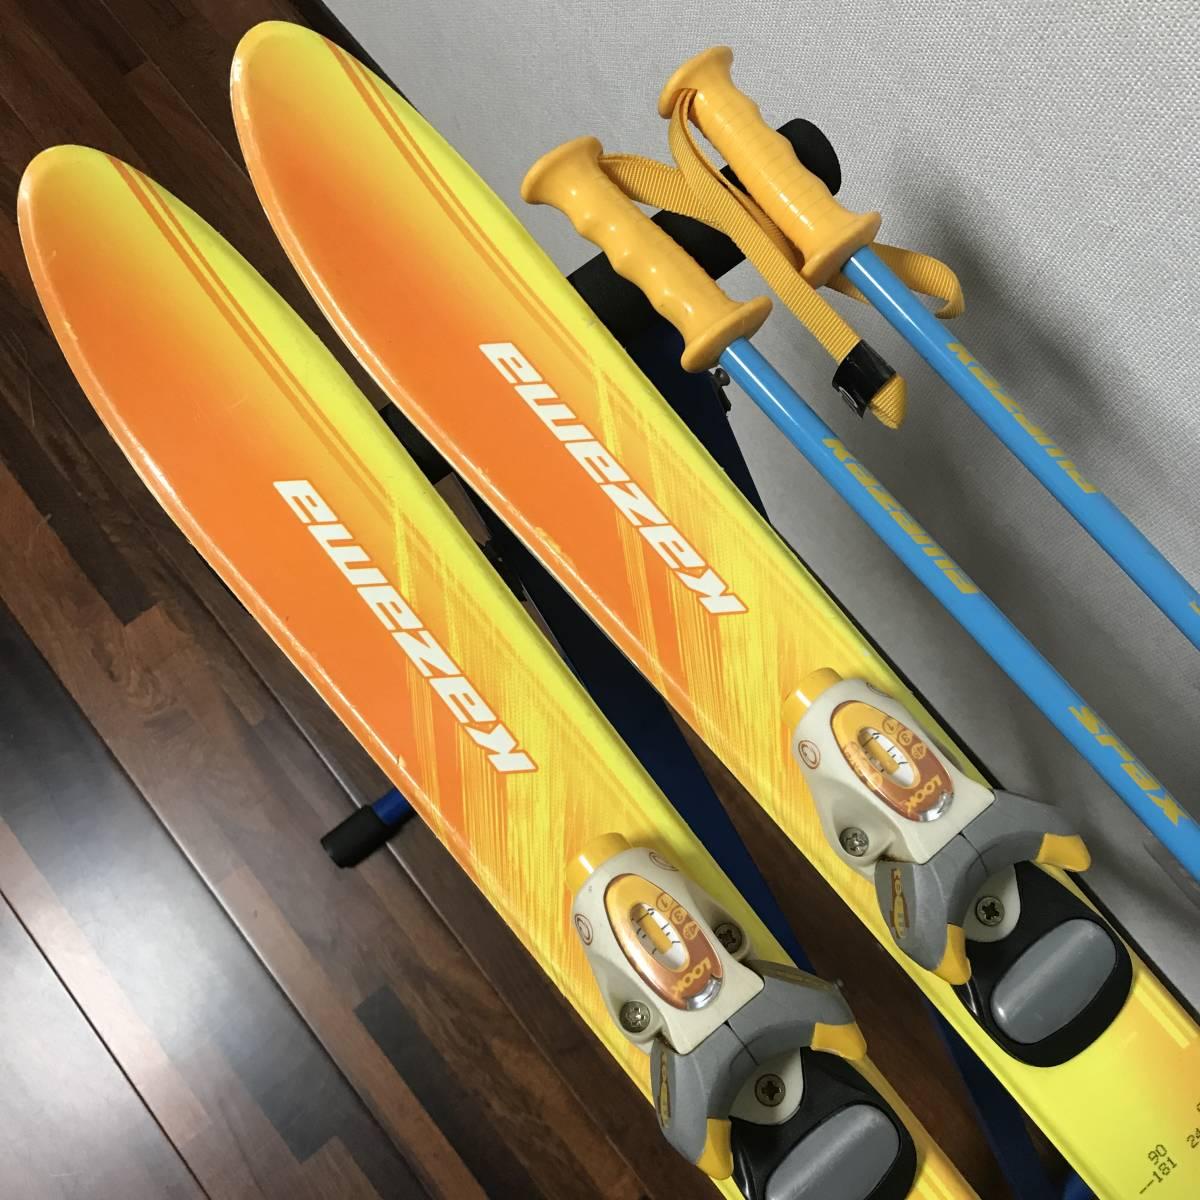 ジュニアスキーセット◆ケース付 KAZAMA 90cm ブーツ 17-18cm ポール 70cm キッズ 子供 ジュニア _画像3